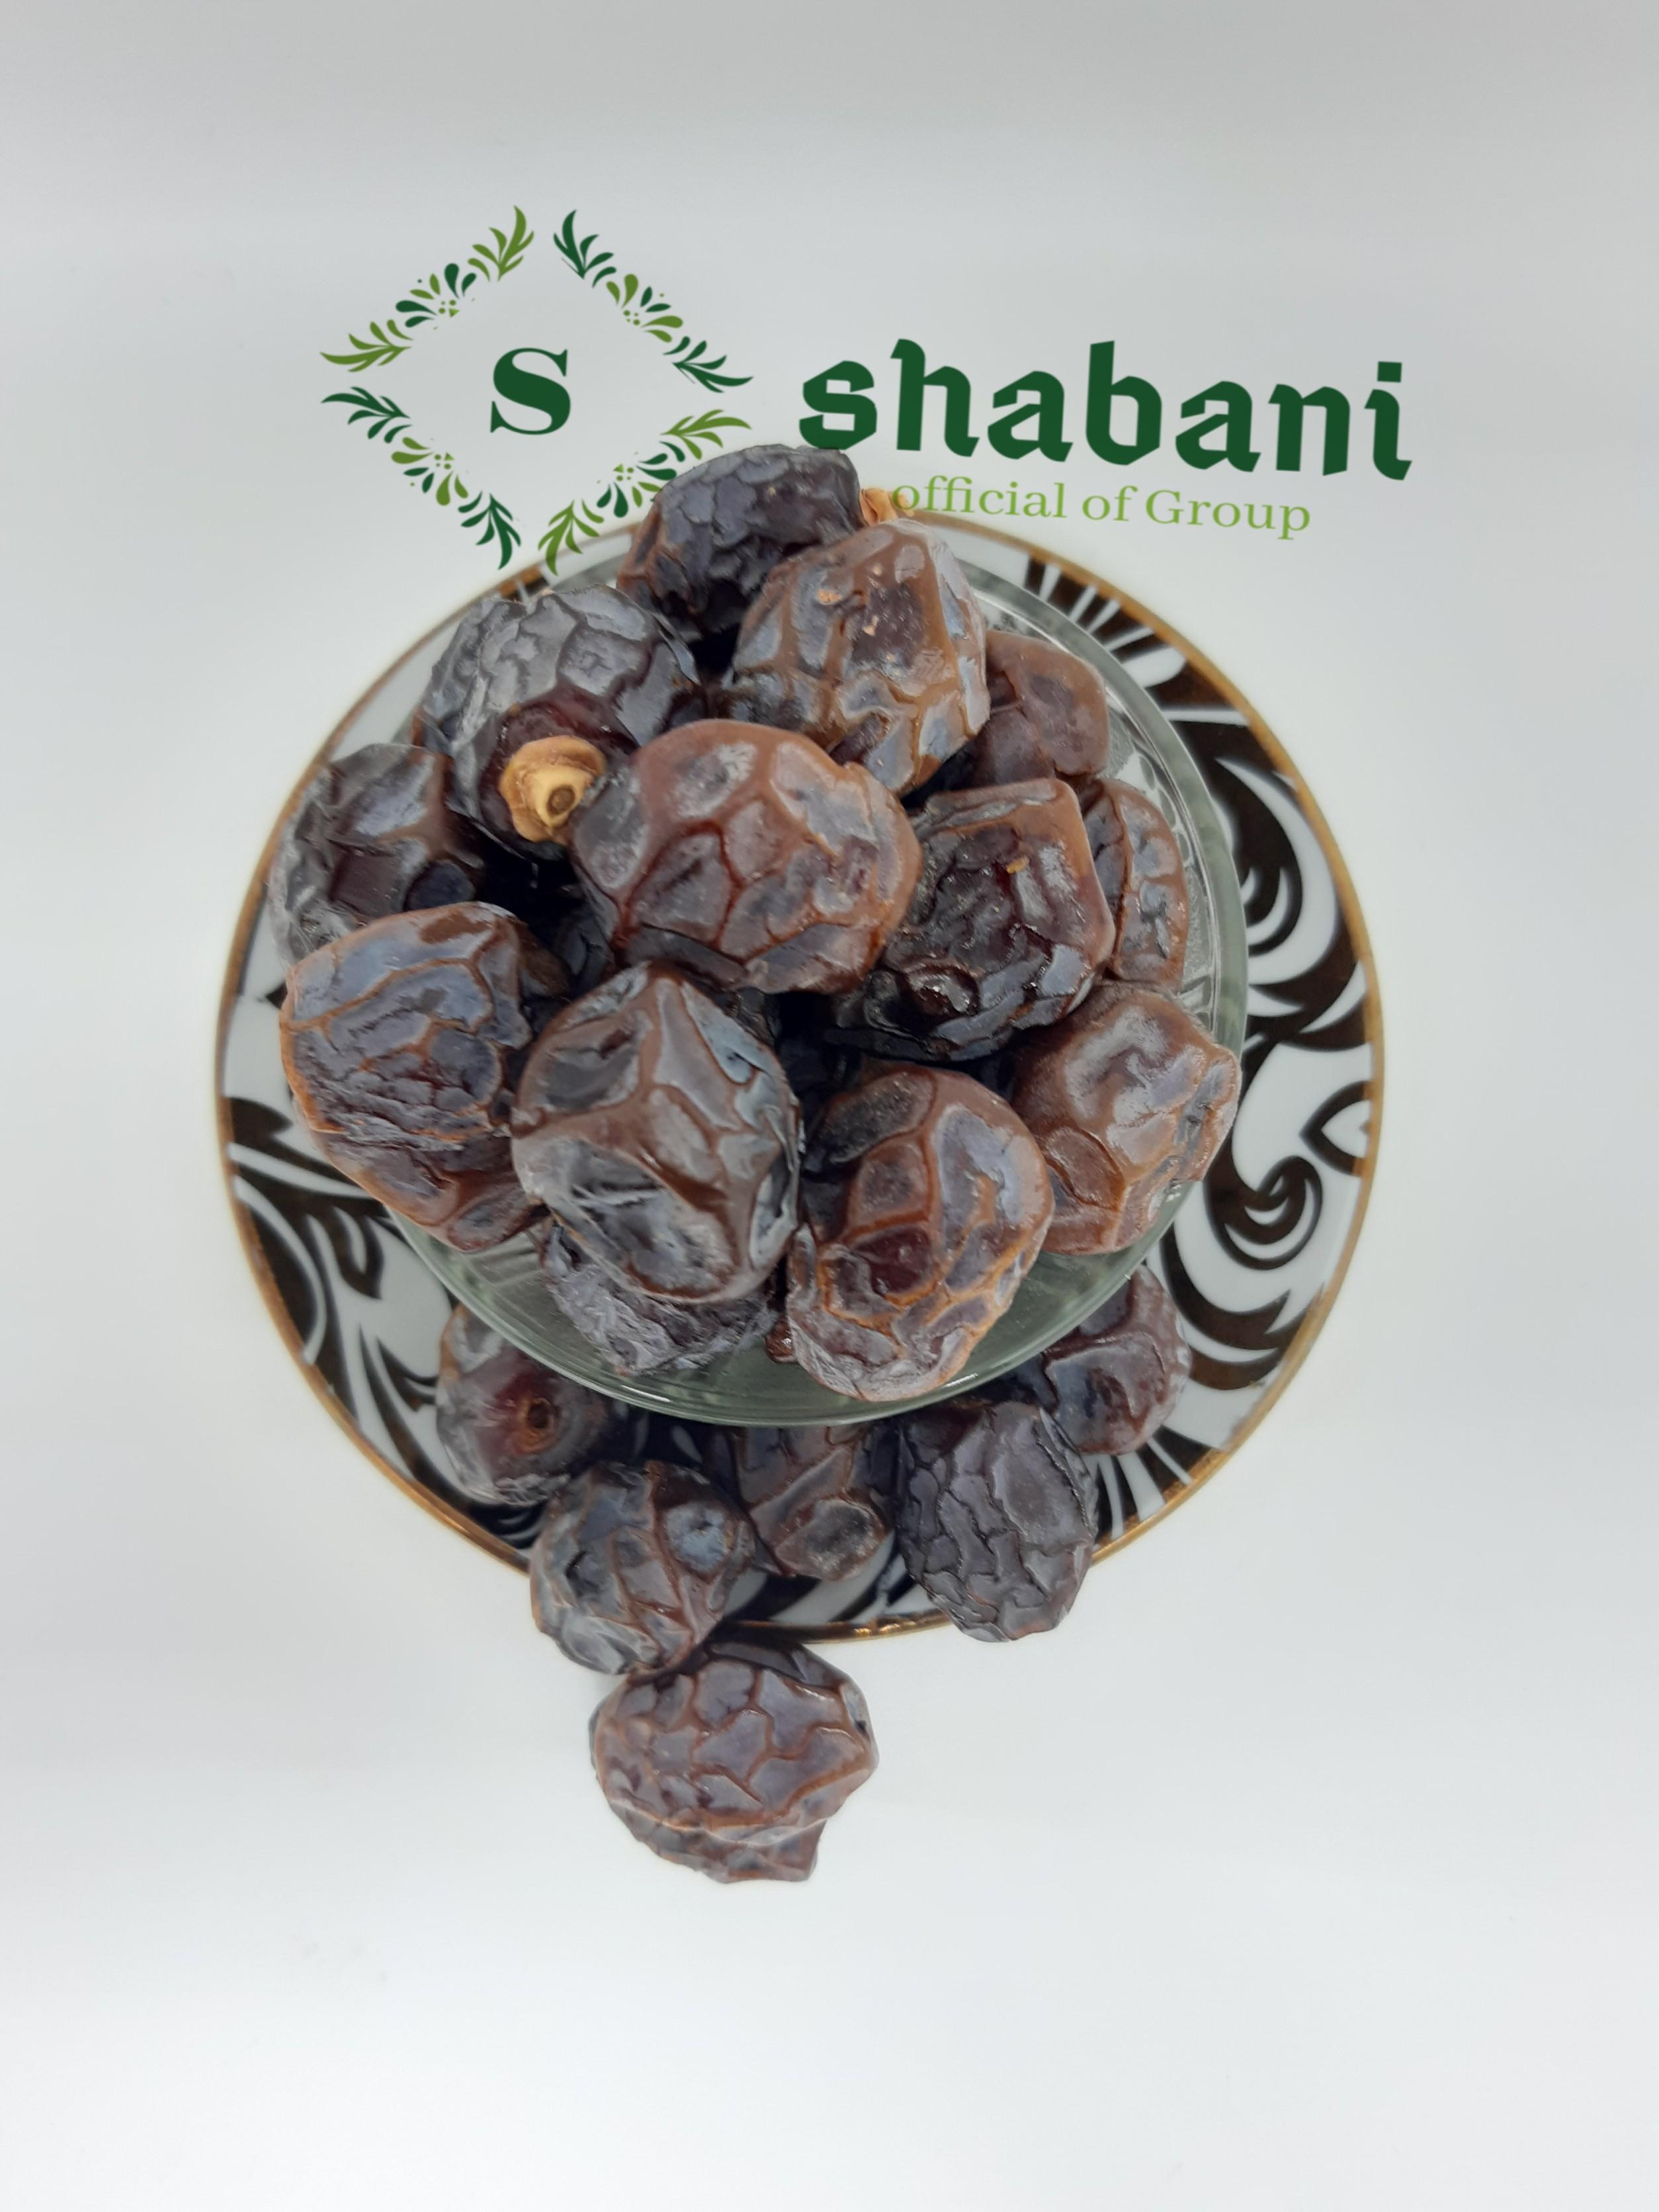 kurma khalas 1kg / kurma khalas premium / kurma madinah / kholas / oleh oleh haji / korma kiloan